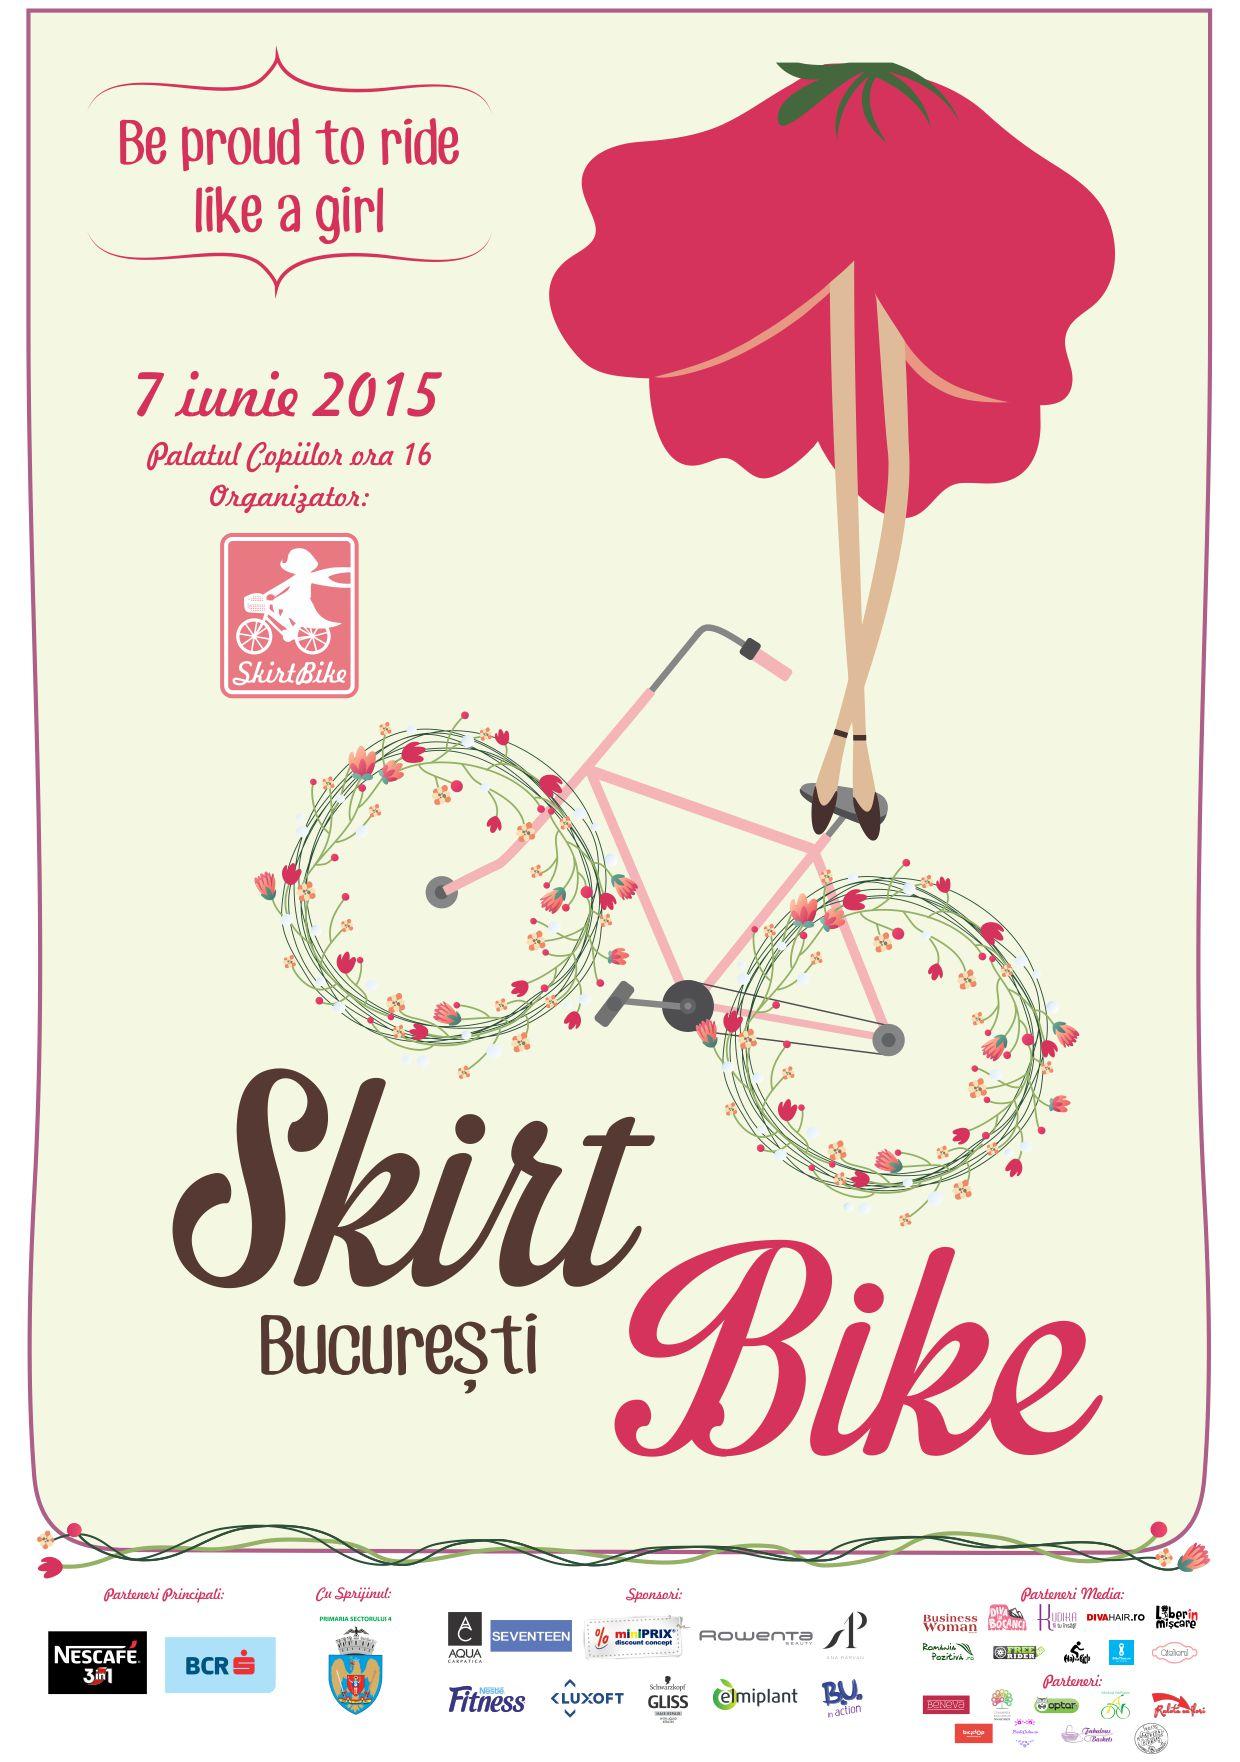 afis-skirtbike-bucuresti-2015